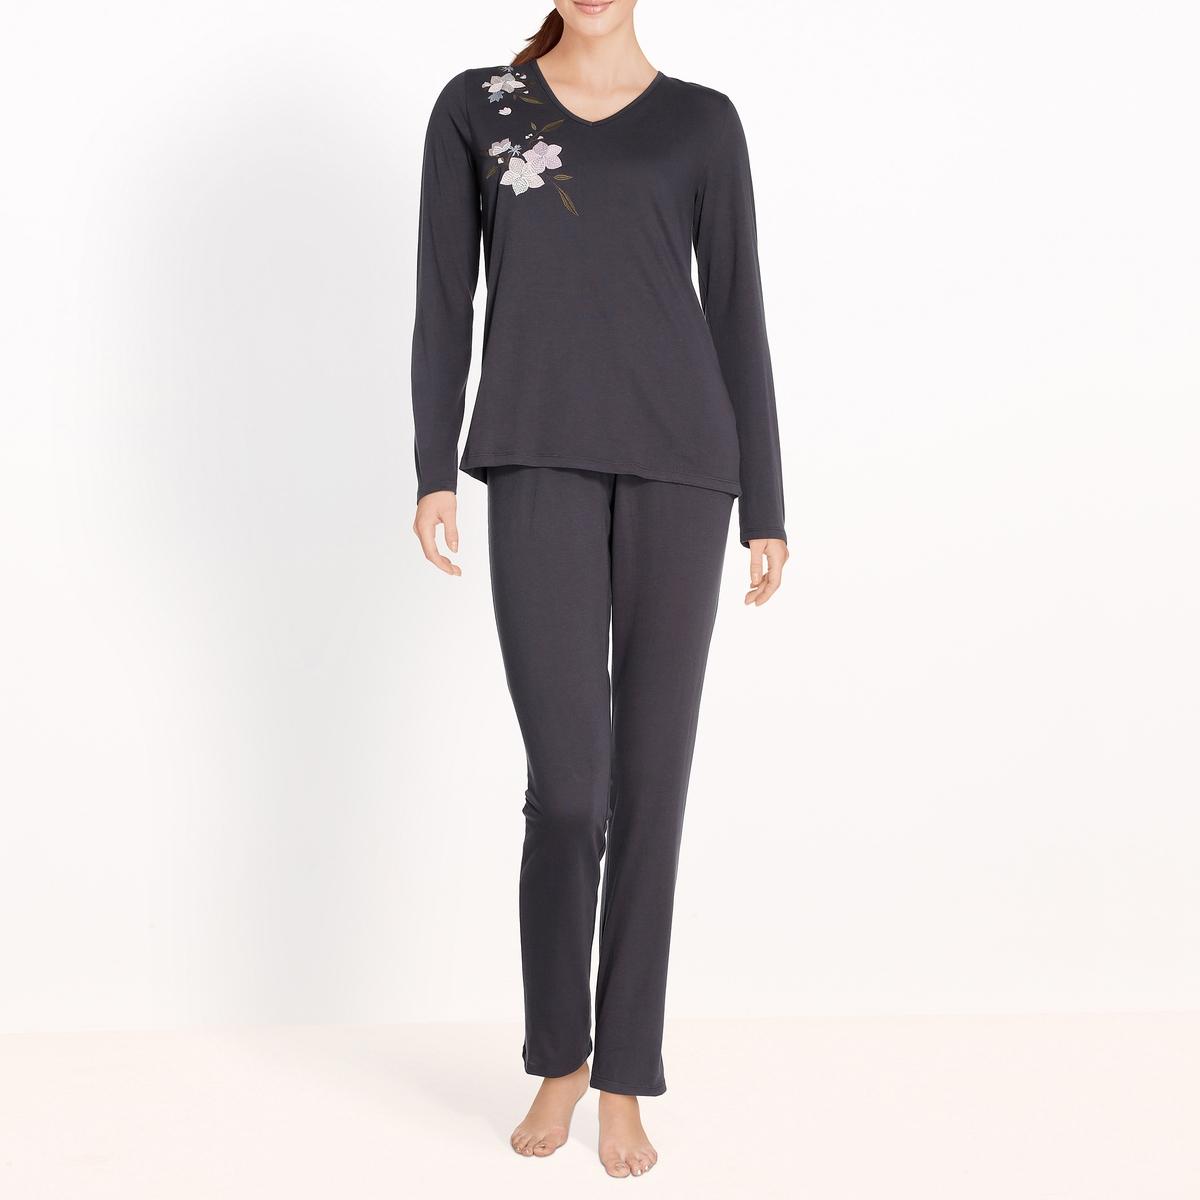 Пижама с вышивкойПижама из 2 предметов с вышивкой, длинные рукава, Anne Weyburn.Пижама из 2 предметов с длинными рукавами прямого покроя. Верх: V-образный вырез, вышивка спереди. Длинные рукава. Однотонные брюки с эластичным поясом. Состав и описание : Материал : 100% хлопок Длина :Верх: 62 смПо внутр.шву : 76 смМарка : Anne Weyburn.Уход:Машинная стирка при 30 °С на деликатном режиме с вещами схожих цветов.Стирать и гладить при низкой температуре с изнаночной стороны.Машинная сушка запрещена.<br><br>Цвет: темно-синий<br>Размер: 42/44 (FR) - 48/50 (RUS).38/40 (FR) - 44/46 (RUS).34/36 (FR) - 40/42 (RUS).50/52 (FR) - 56/58 (RUS)